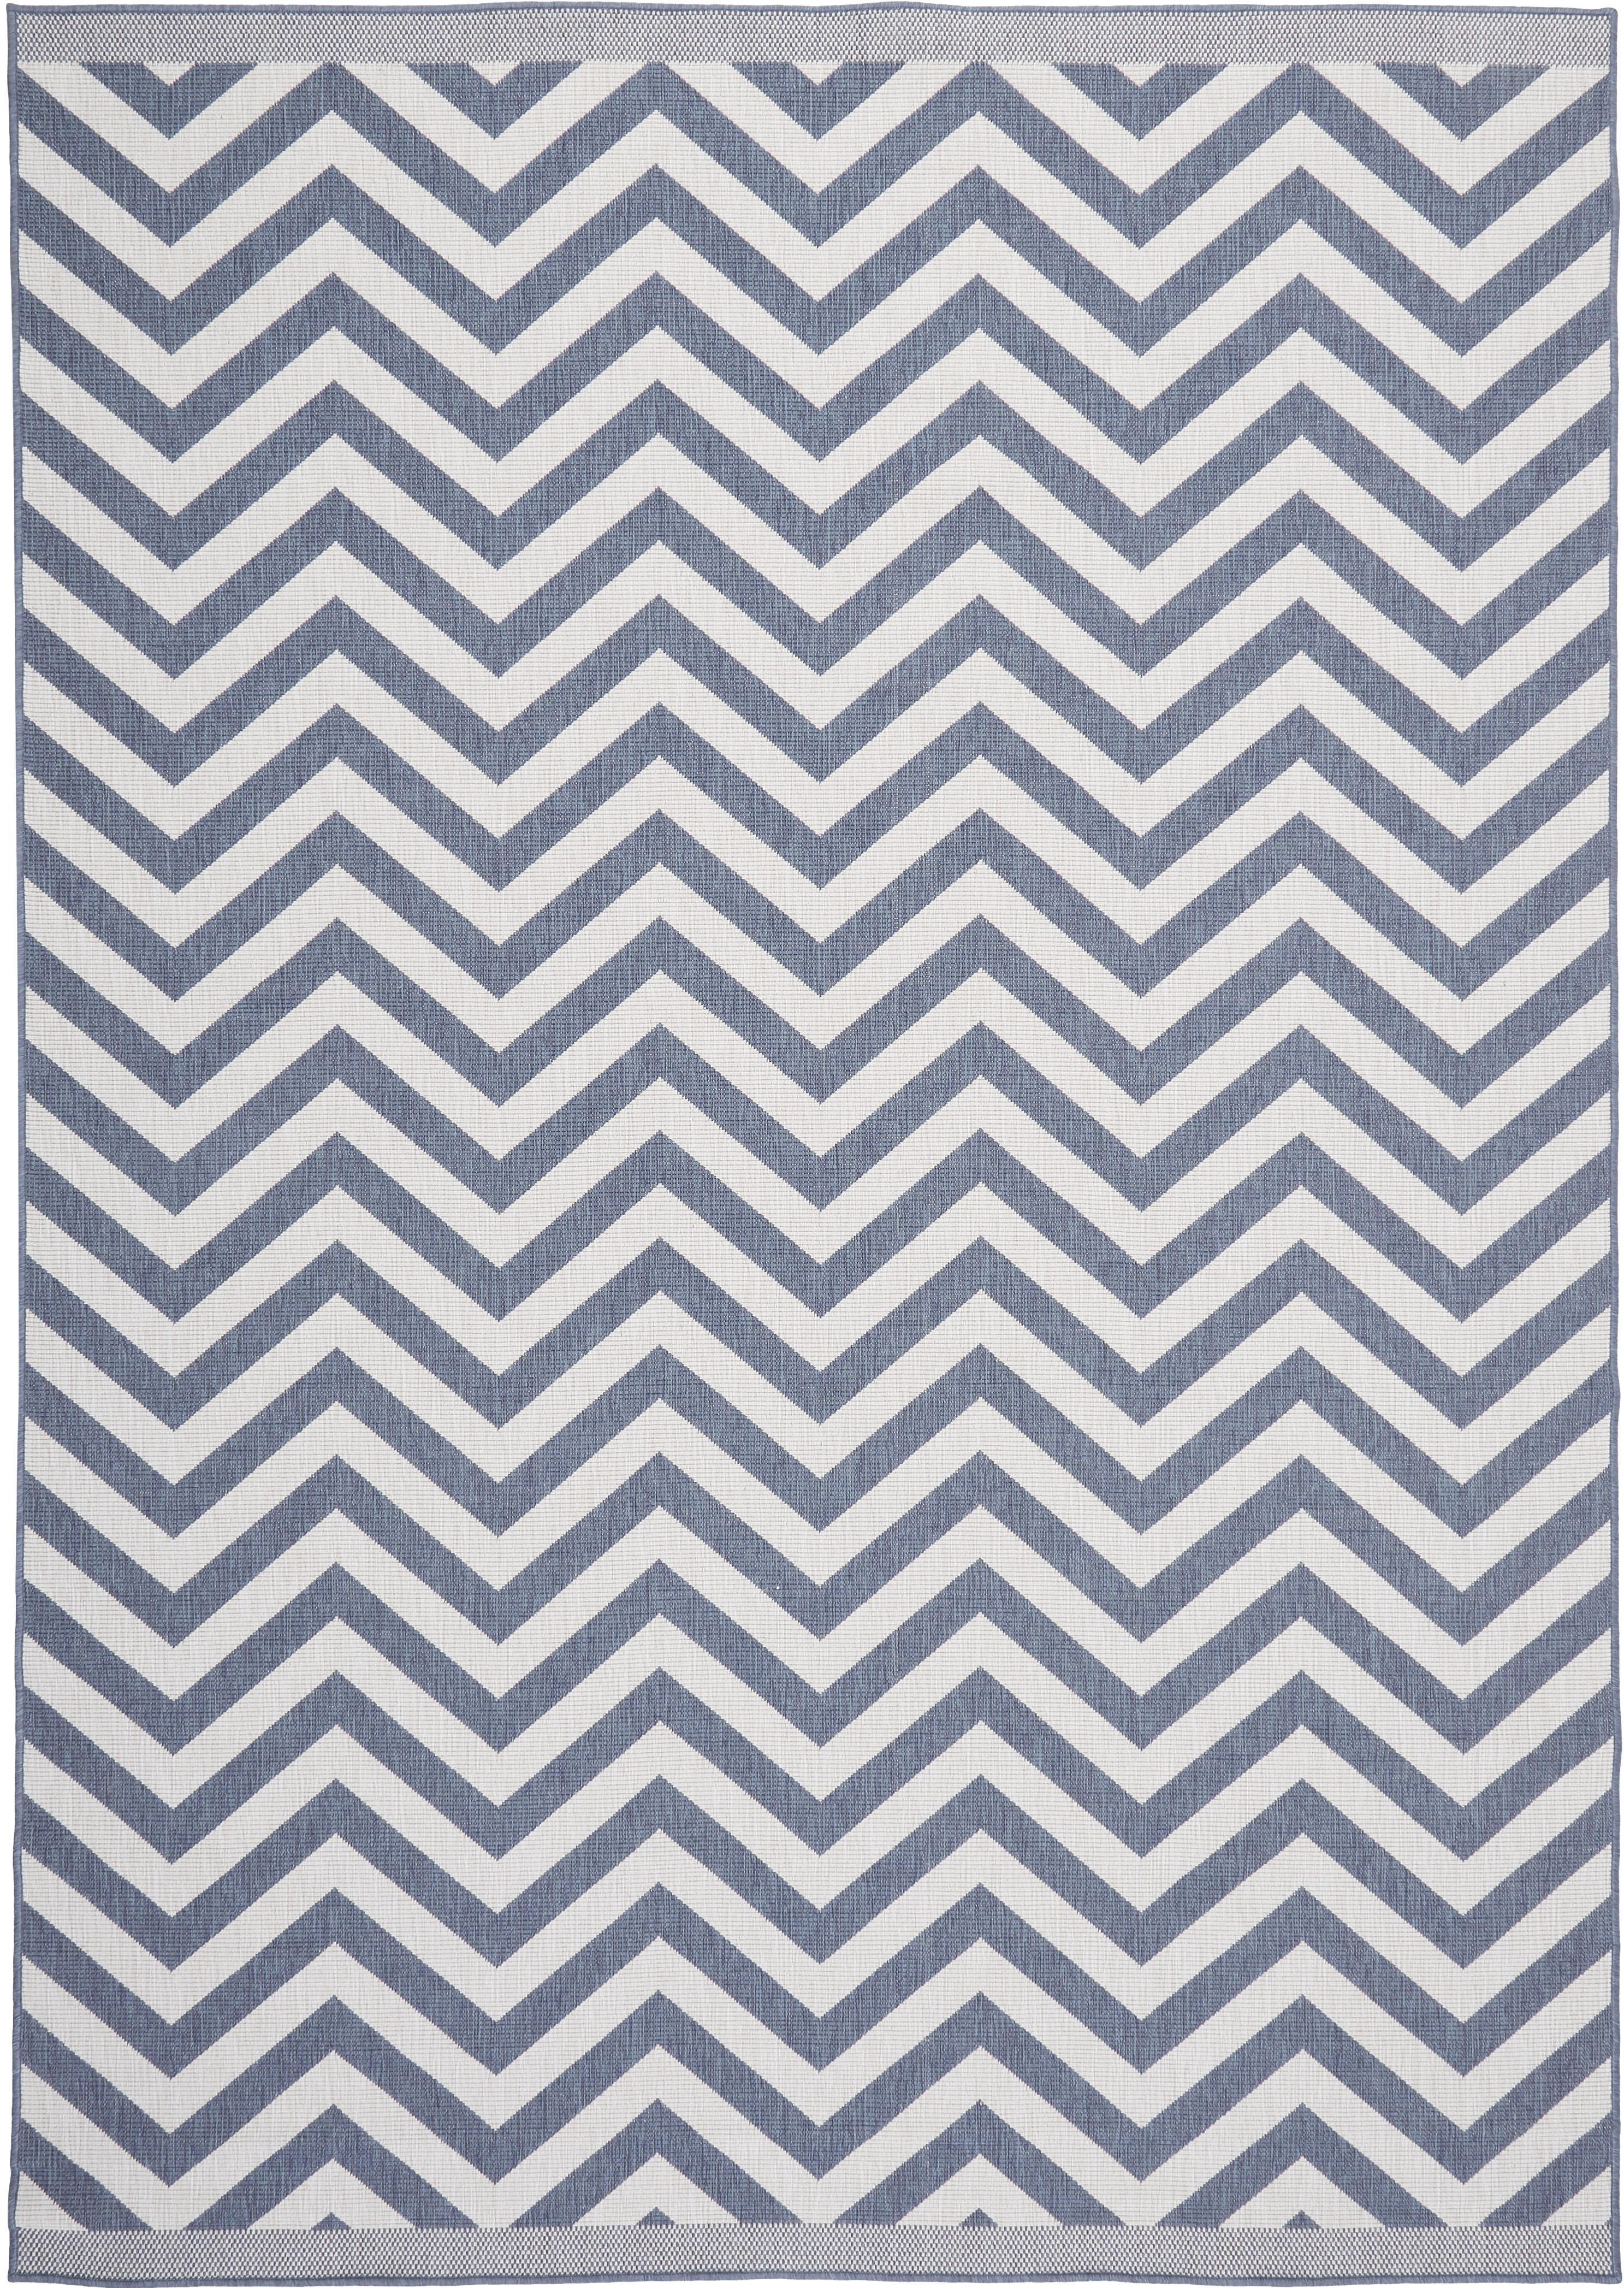 Tappeto reversibile da interno-esterno Palma, Blu, crema, Larg. 200 x Lung. 290 cm (taglia L)